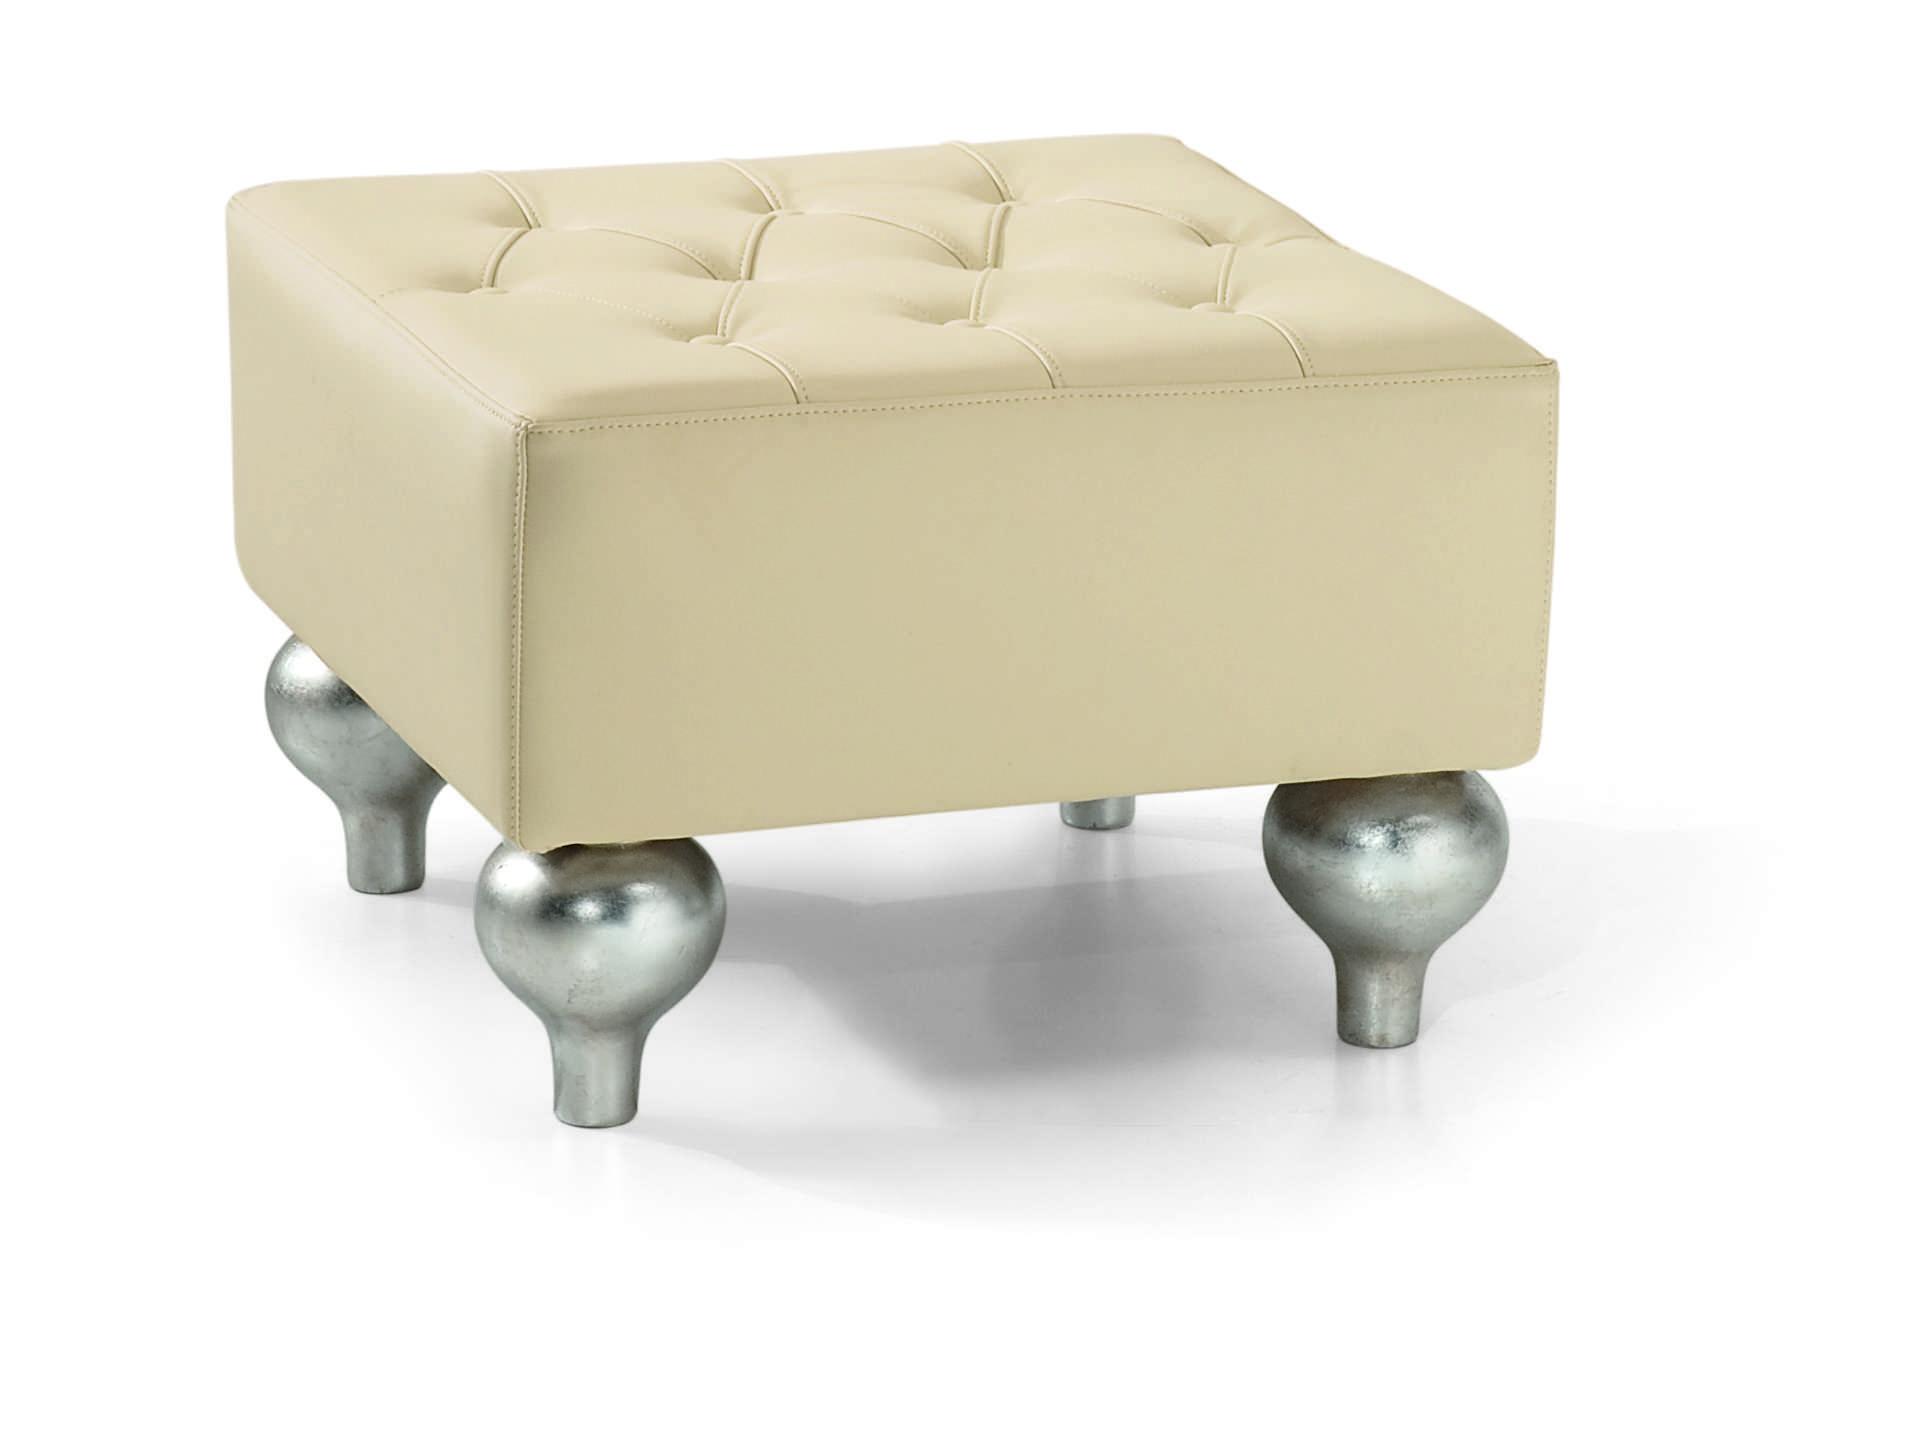 Lit double avec t te de lit haute toute capitonn e - Chambre avec tete de lit capitonnee ...